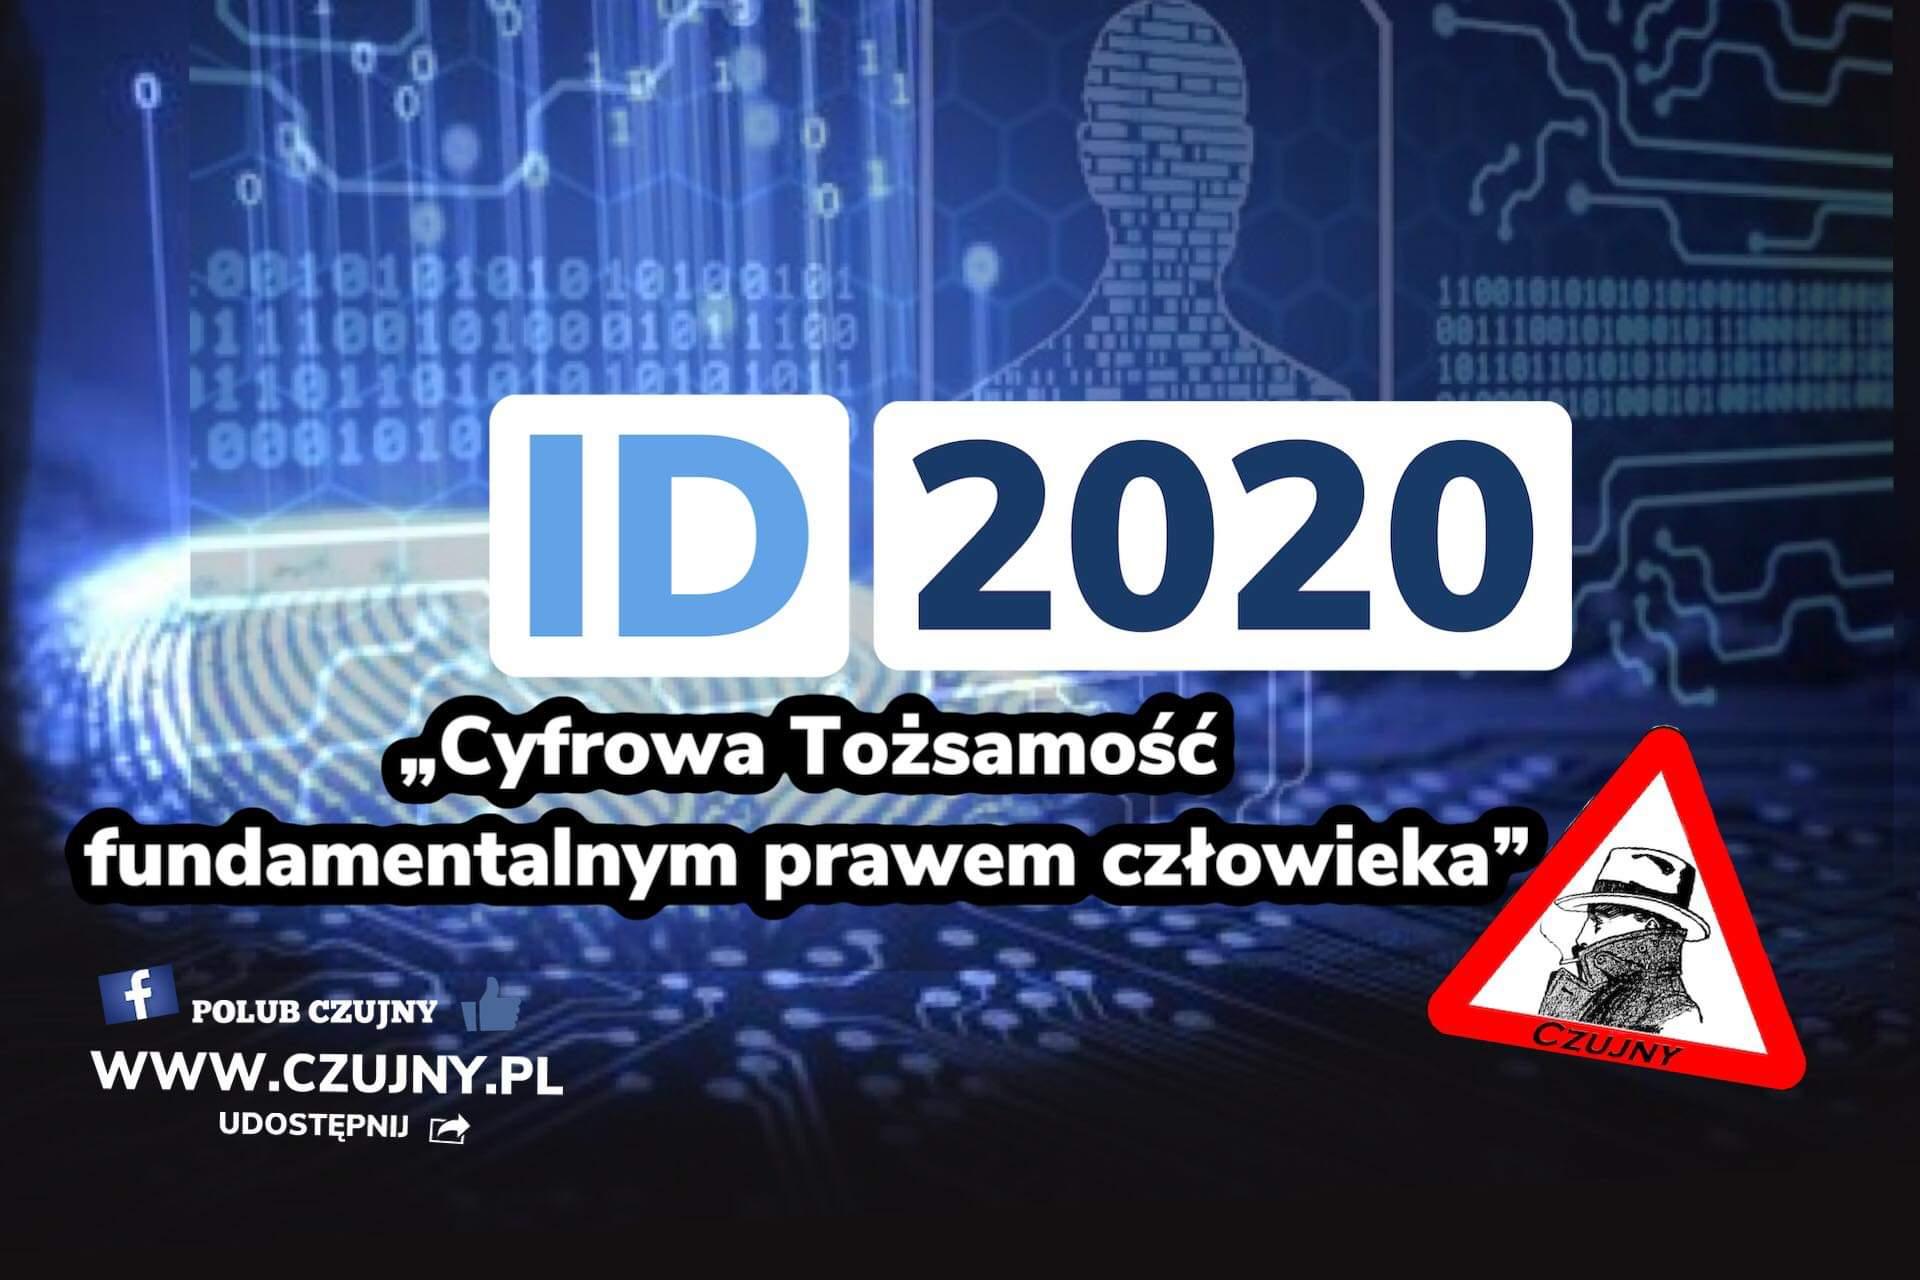 ID2020 cyfrowa tożsamość podstawowym prawem człowieka!